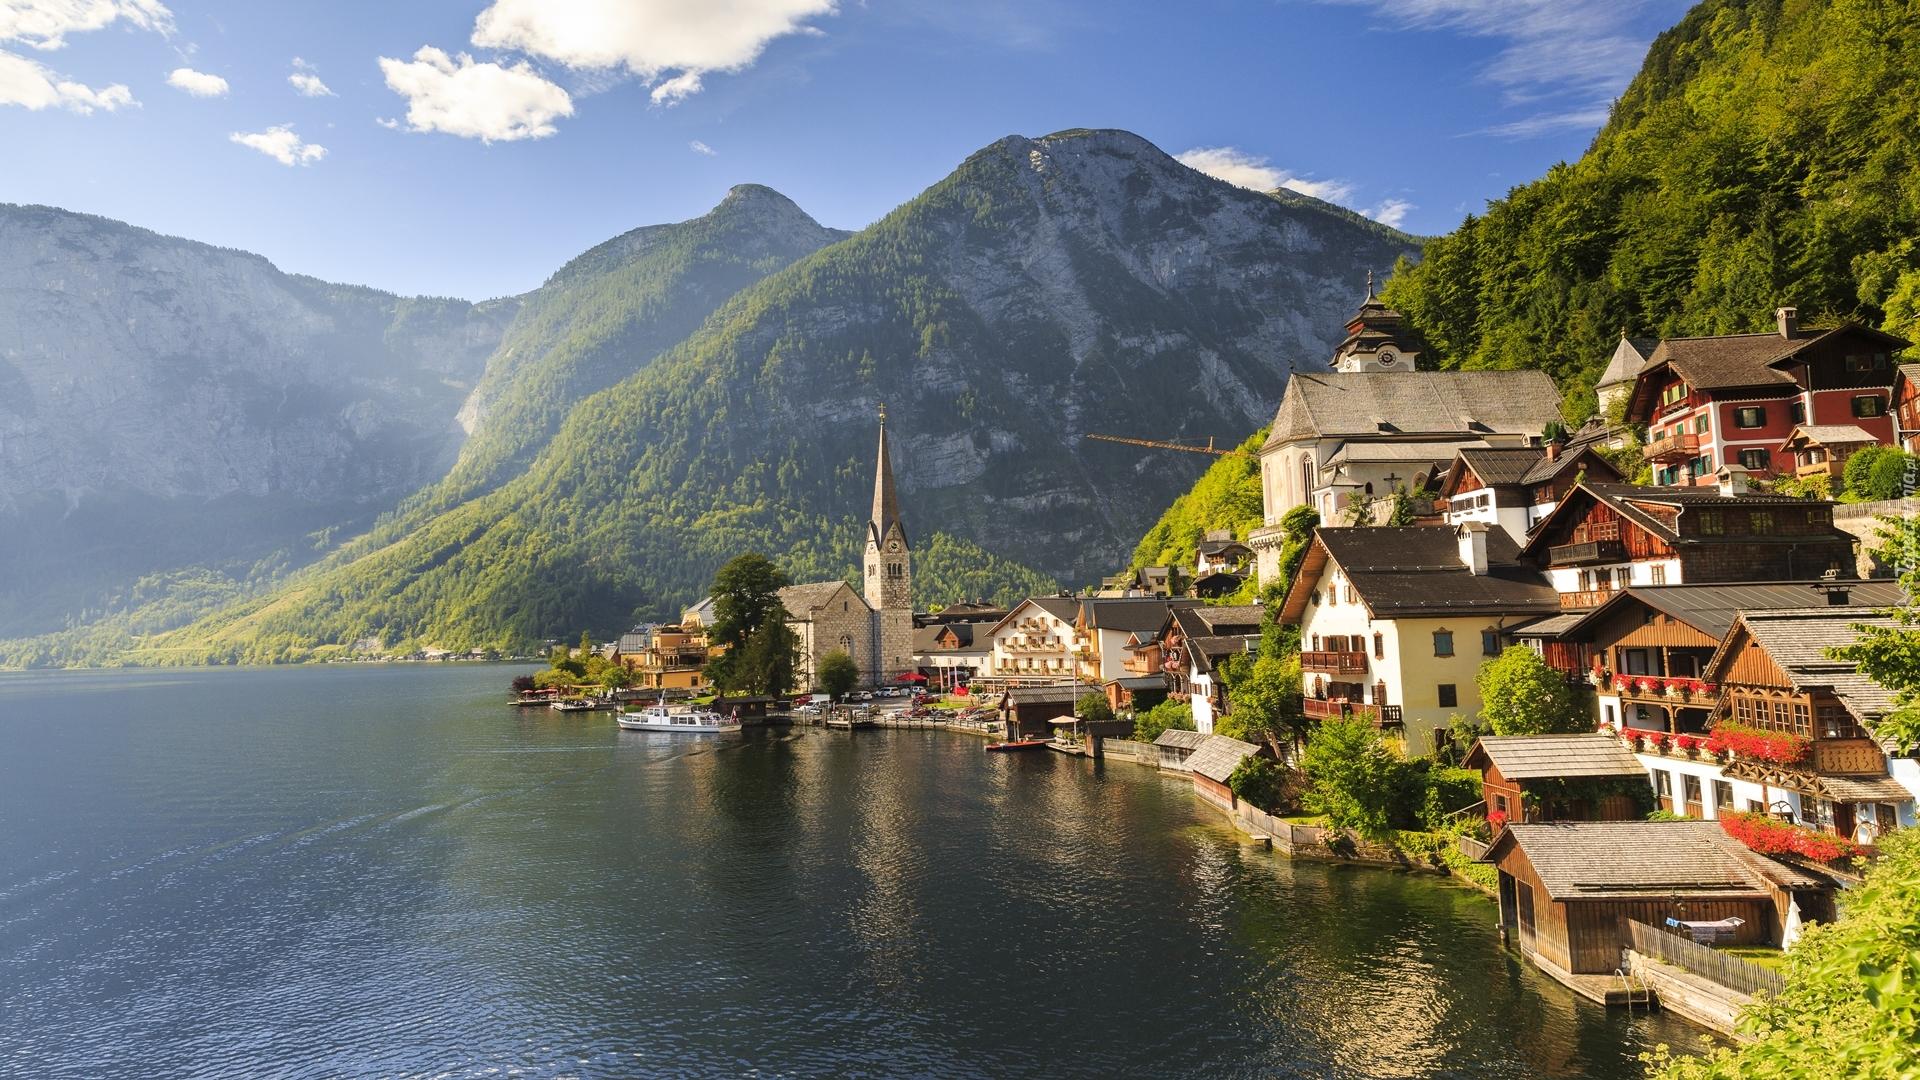 Hallstatt nad jeziorem Hallstättersee w Alpach